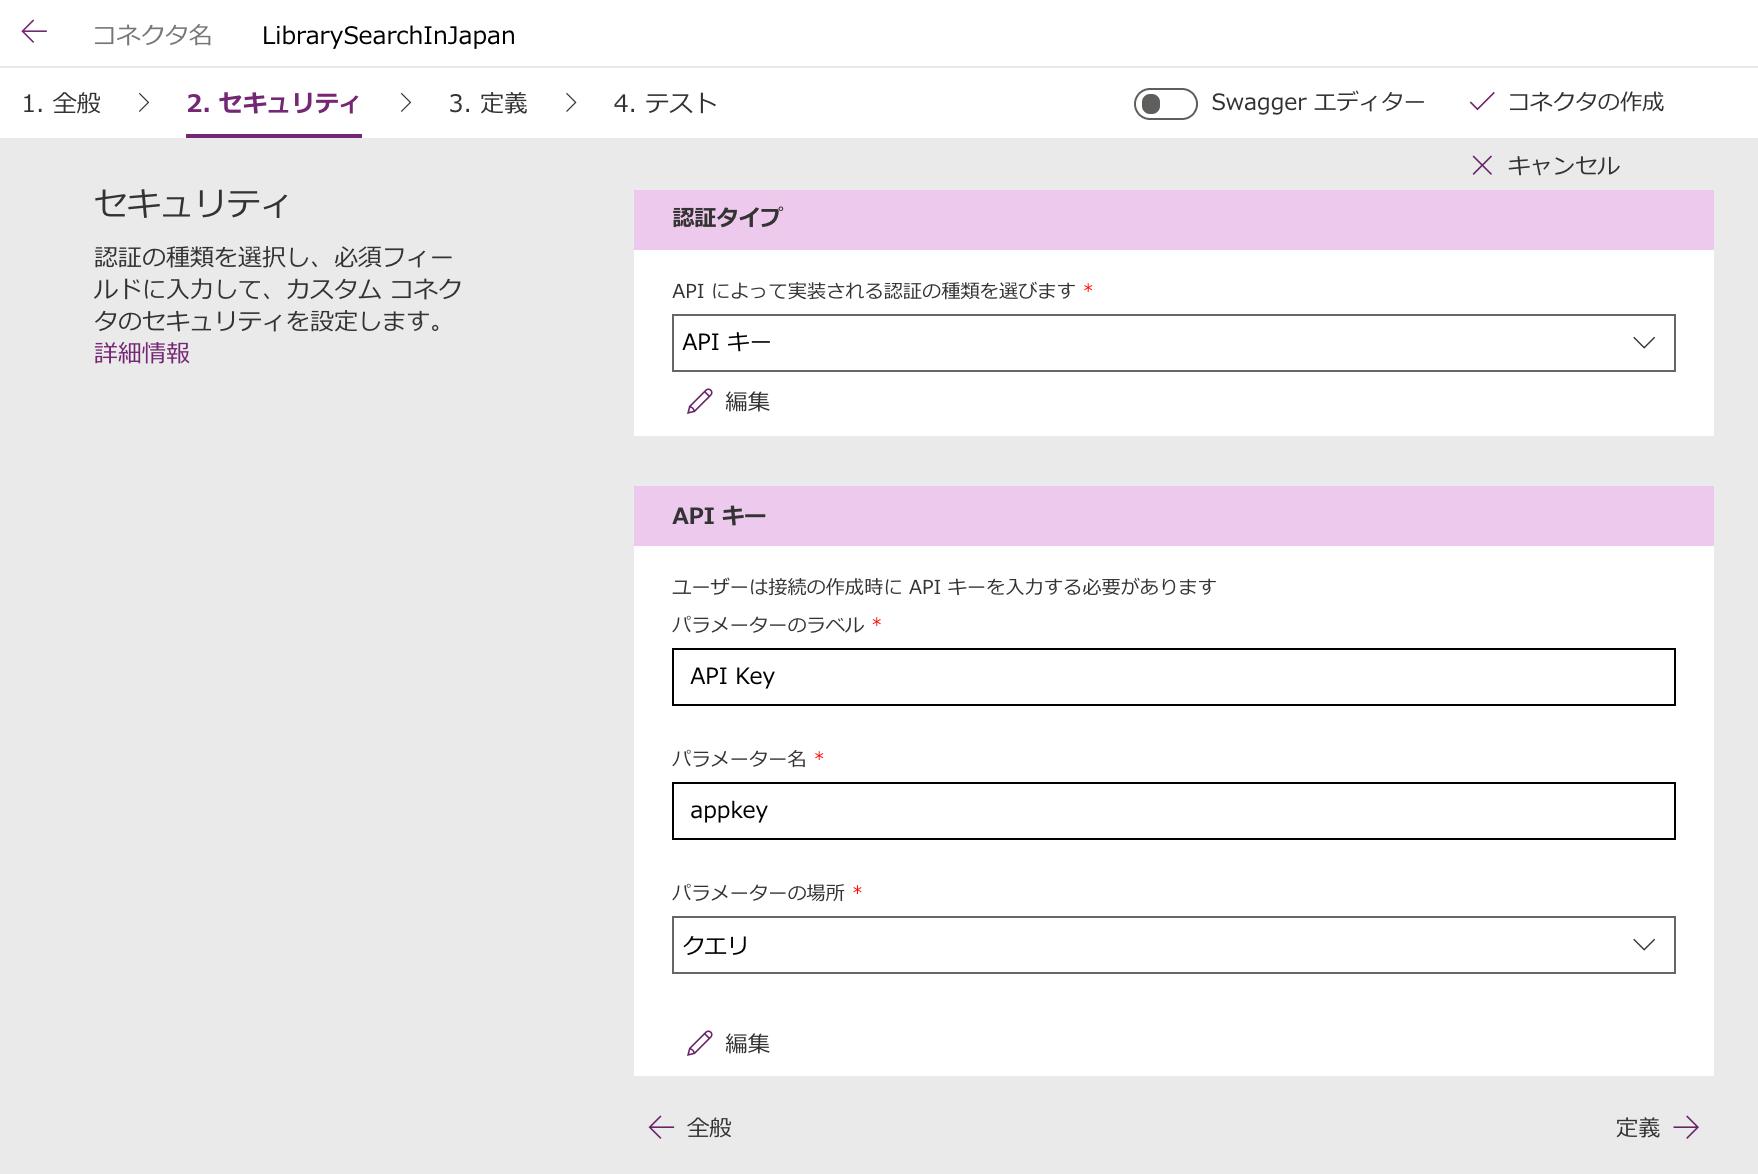 スクリーンショット 2021-02-19 10.43.27.png